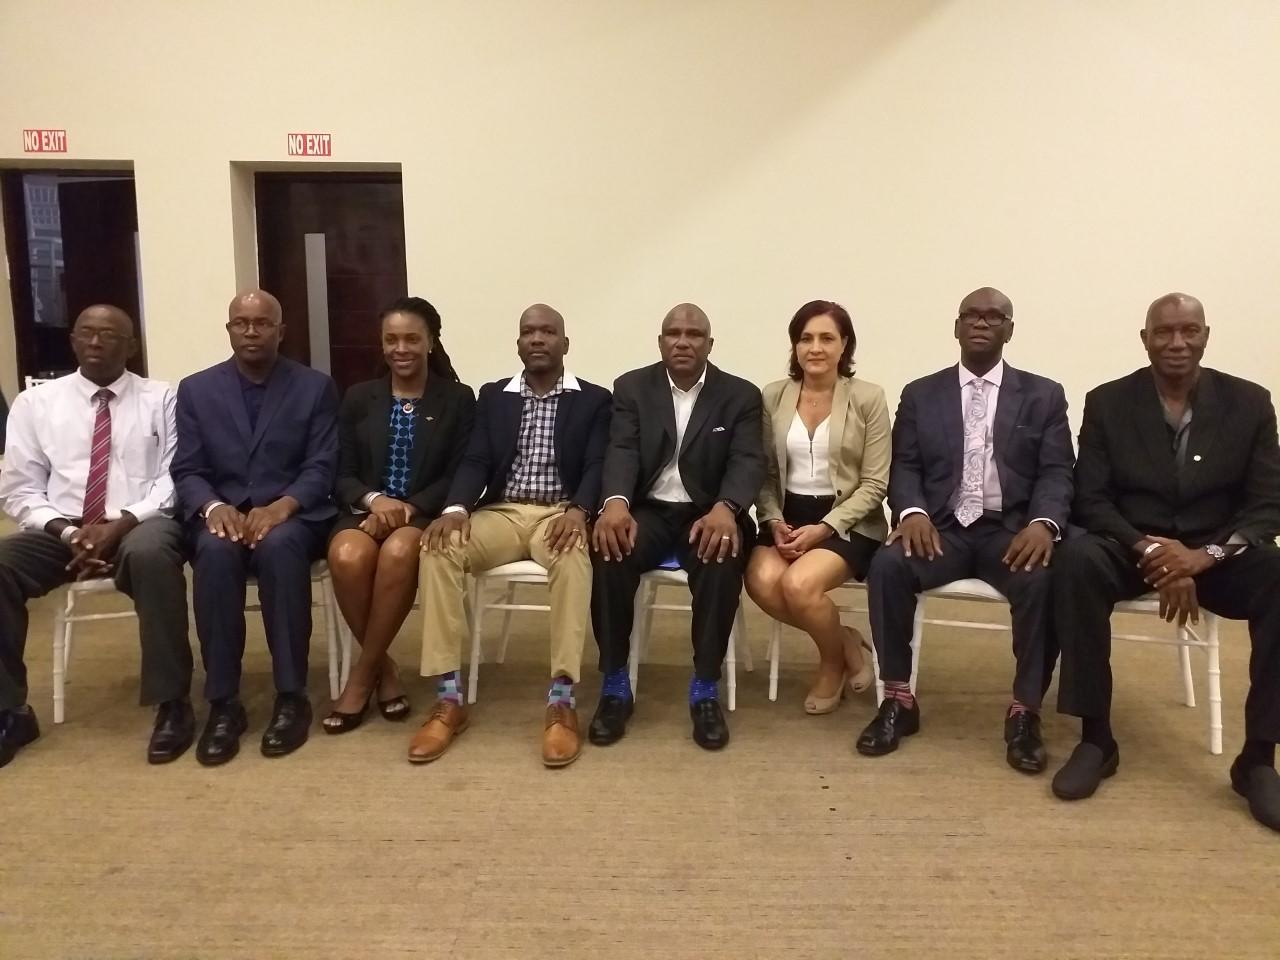 Eligen nueva directiva de la Confederación Baloncesto del Caribe